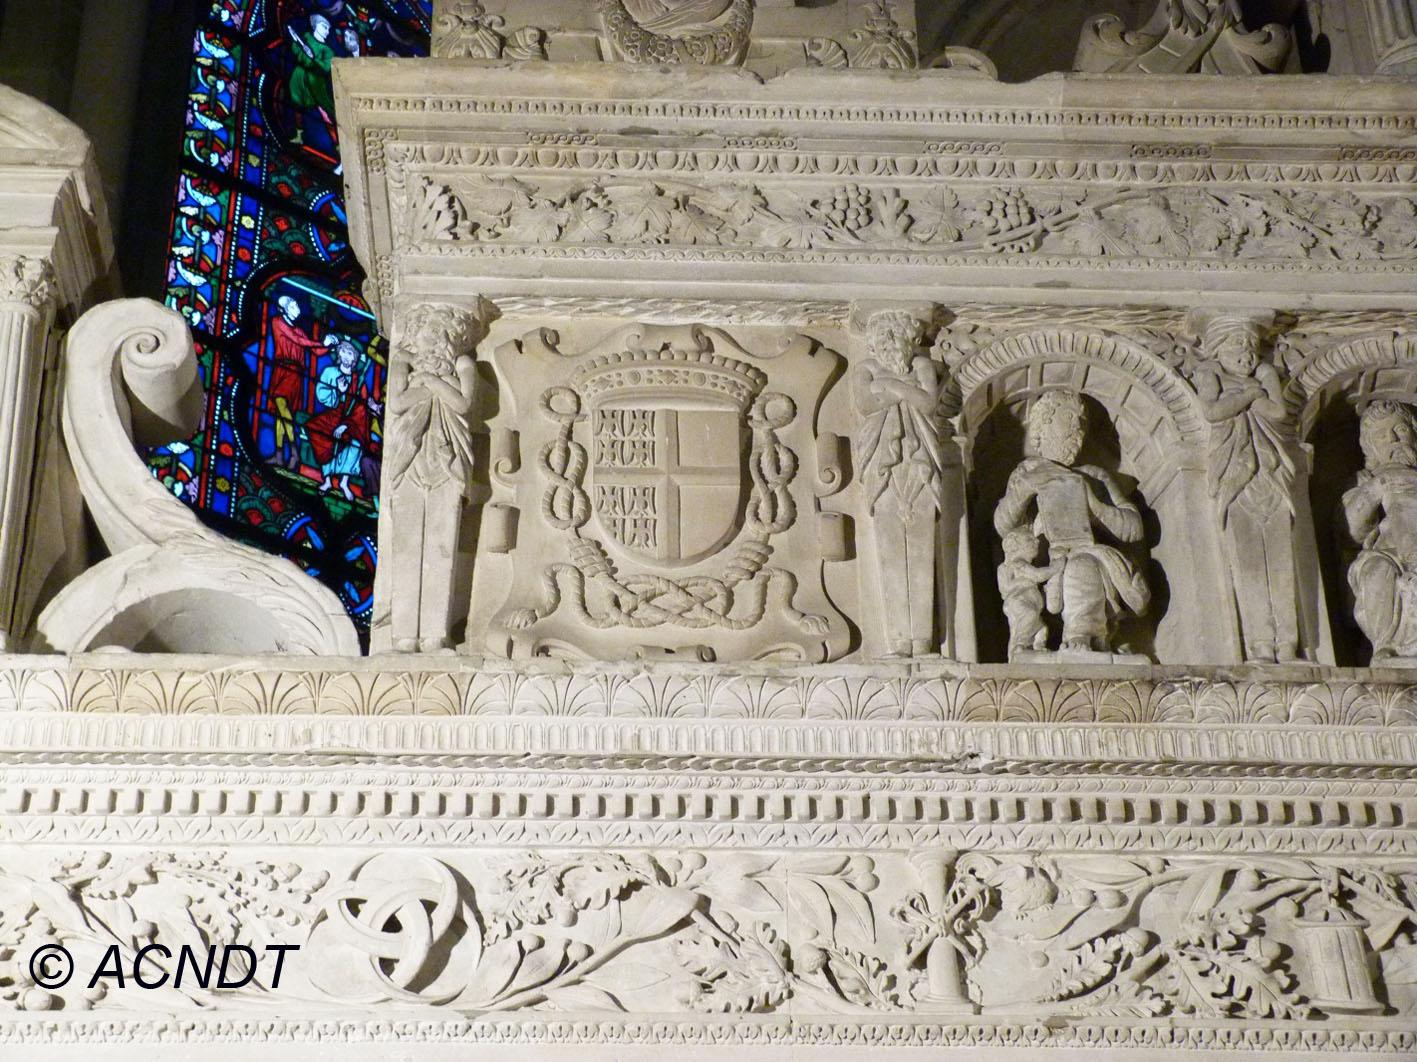 Retable de l'Eglsie de taverny (photo : Association Culturelle Notre-Dame de Taverny)